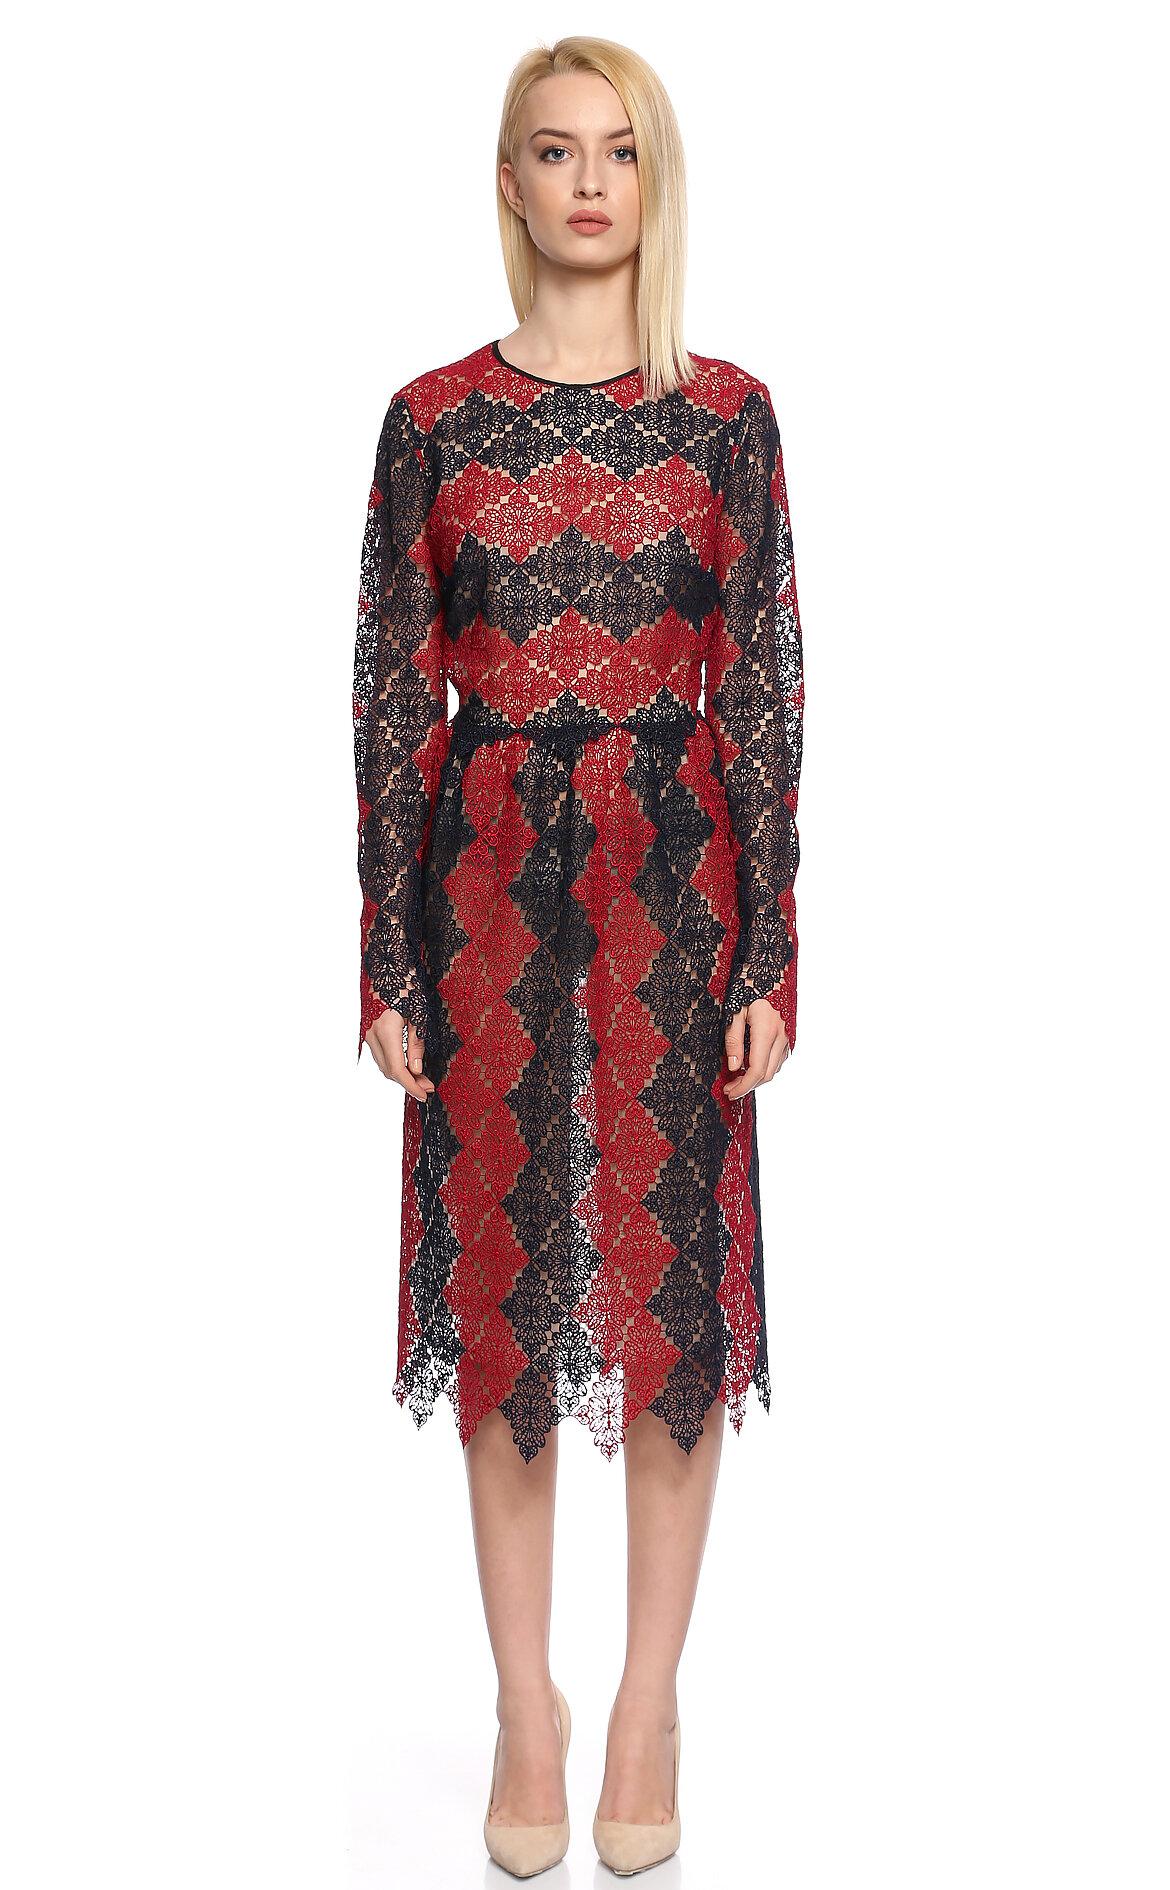 Erdem-Erdem dantel İşlemeli Kırmızı Lacivert Elbise